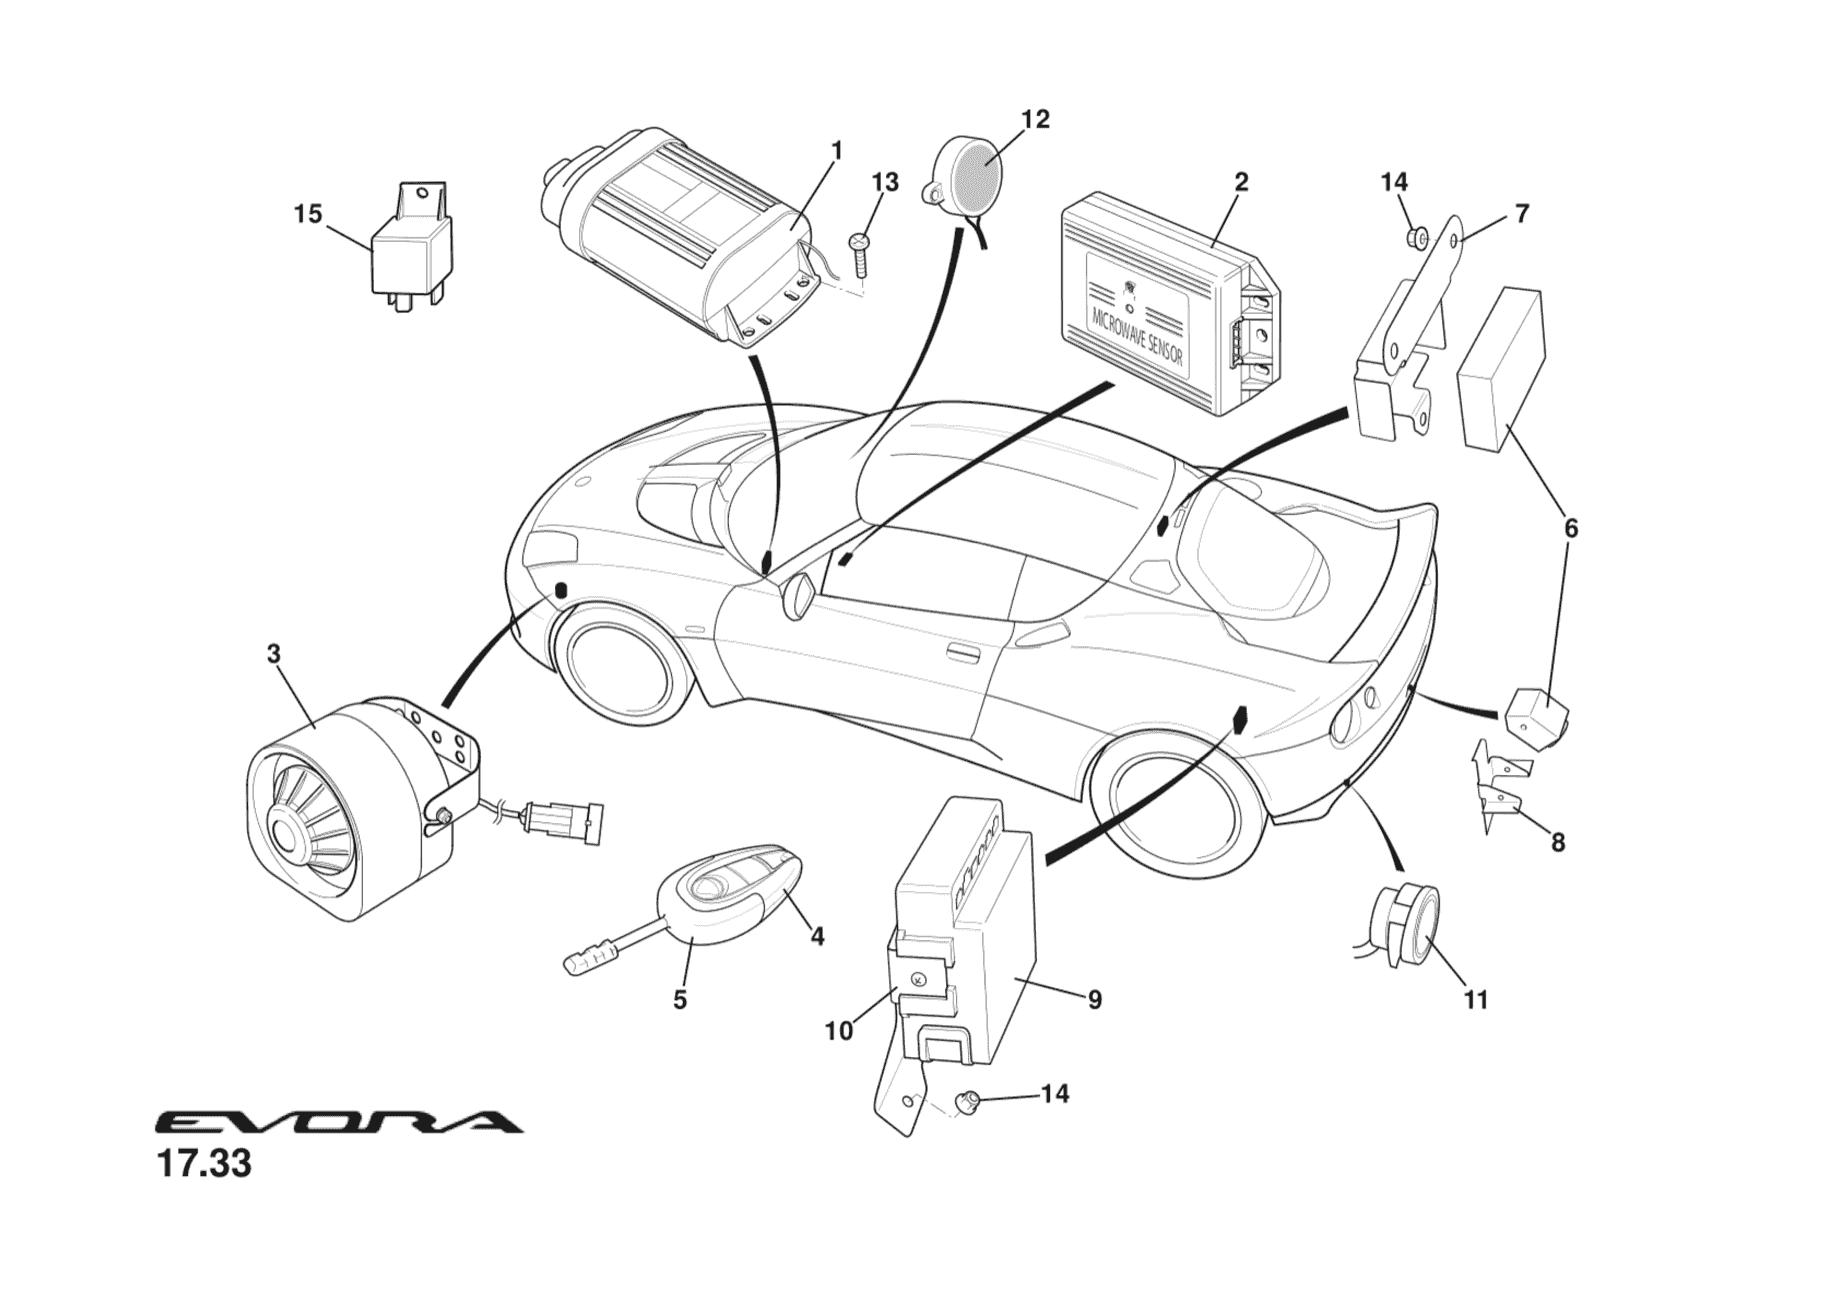 A132u0166f 08 Bracket Reversing Camera Mounting Lotus Garage Reverse Parking Sensor Circuit For Car Security System